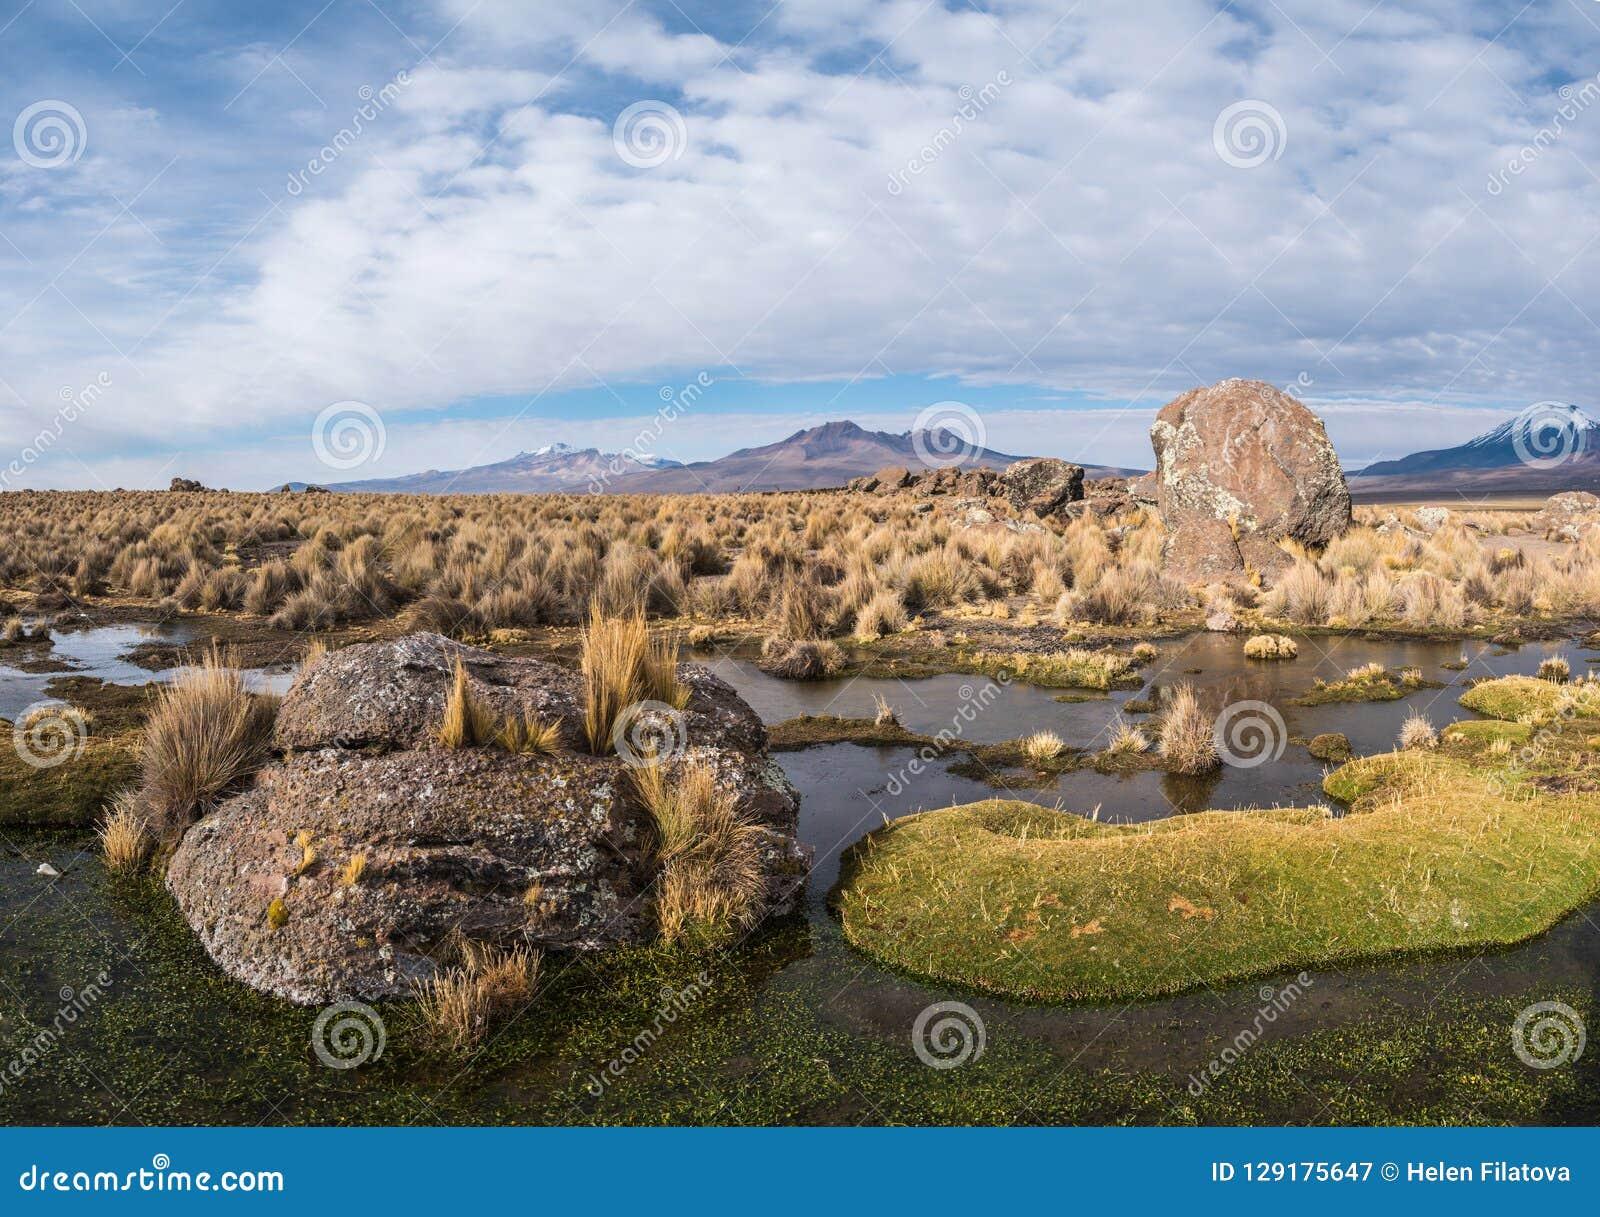 Nature Of Bolivia Stock Image Image Of Altiplano Quagmire 129175647